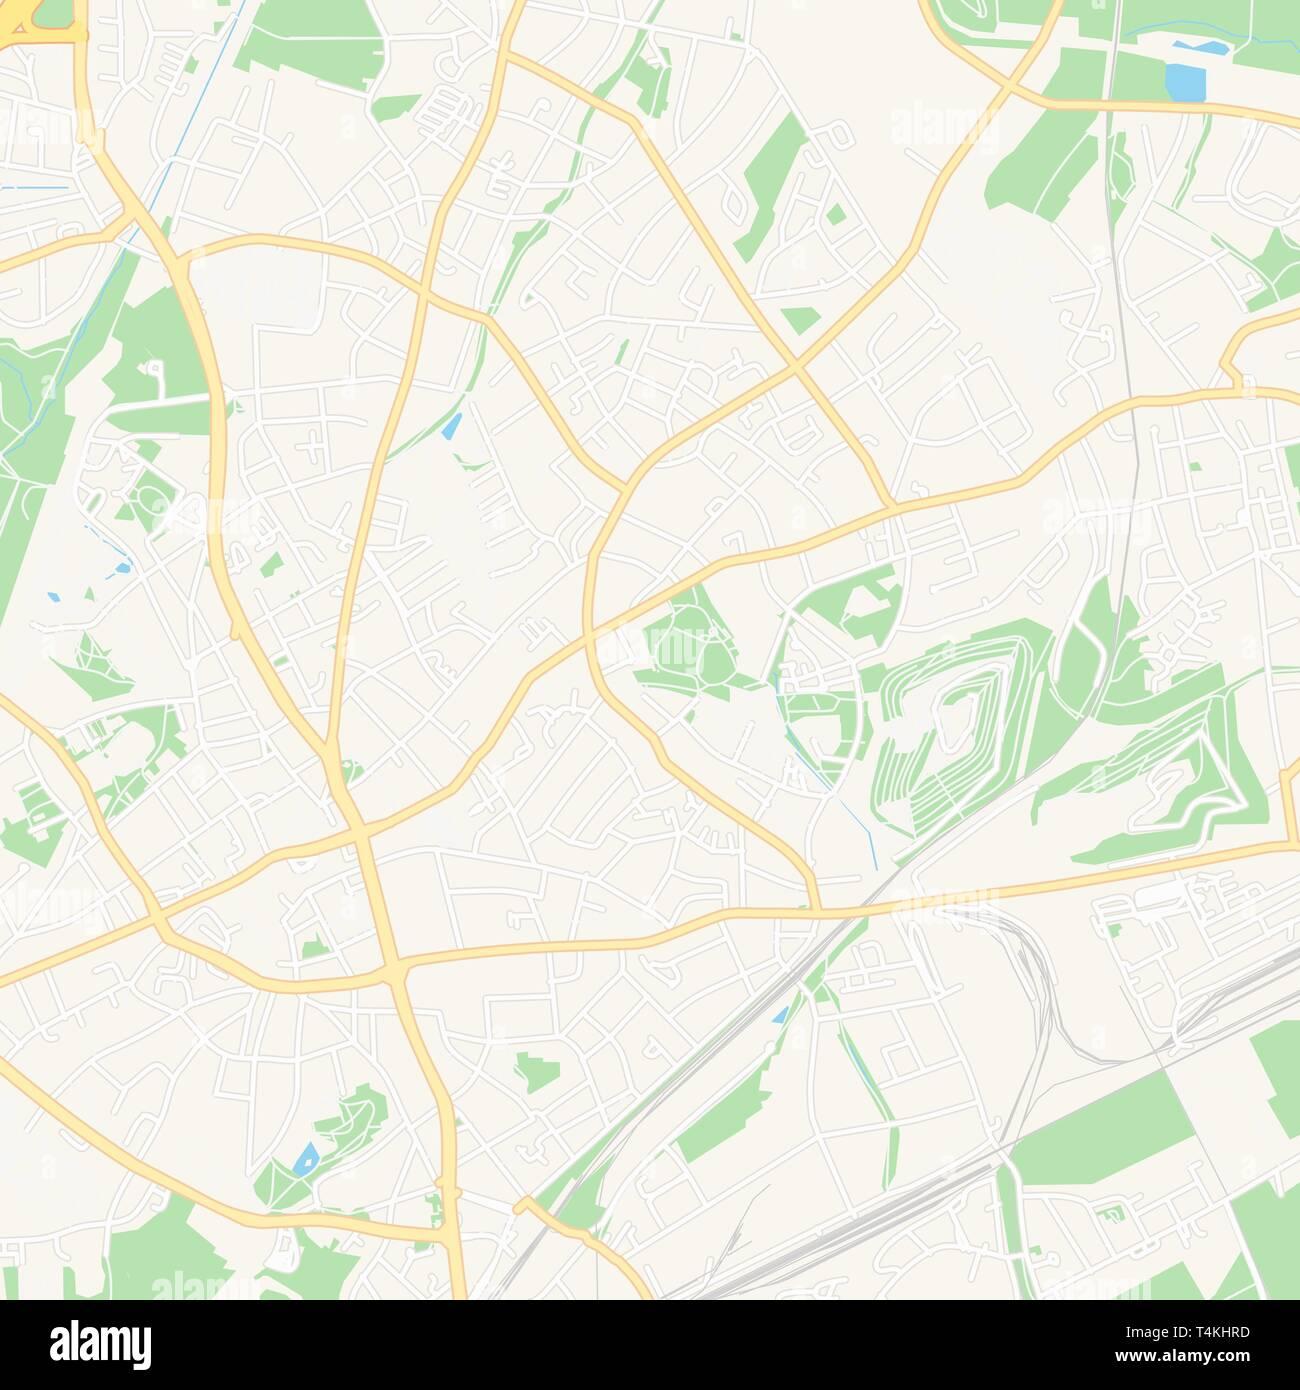 Druckbare Karte Von Bottrop Deutschland Mit Haupt Und